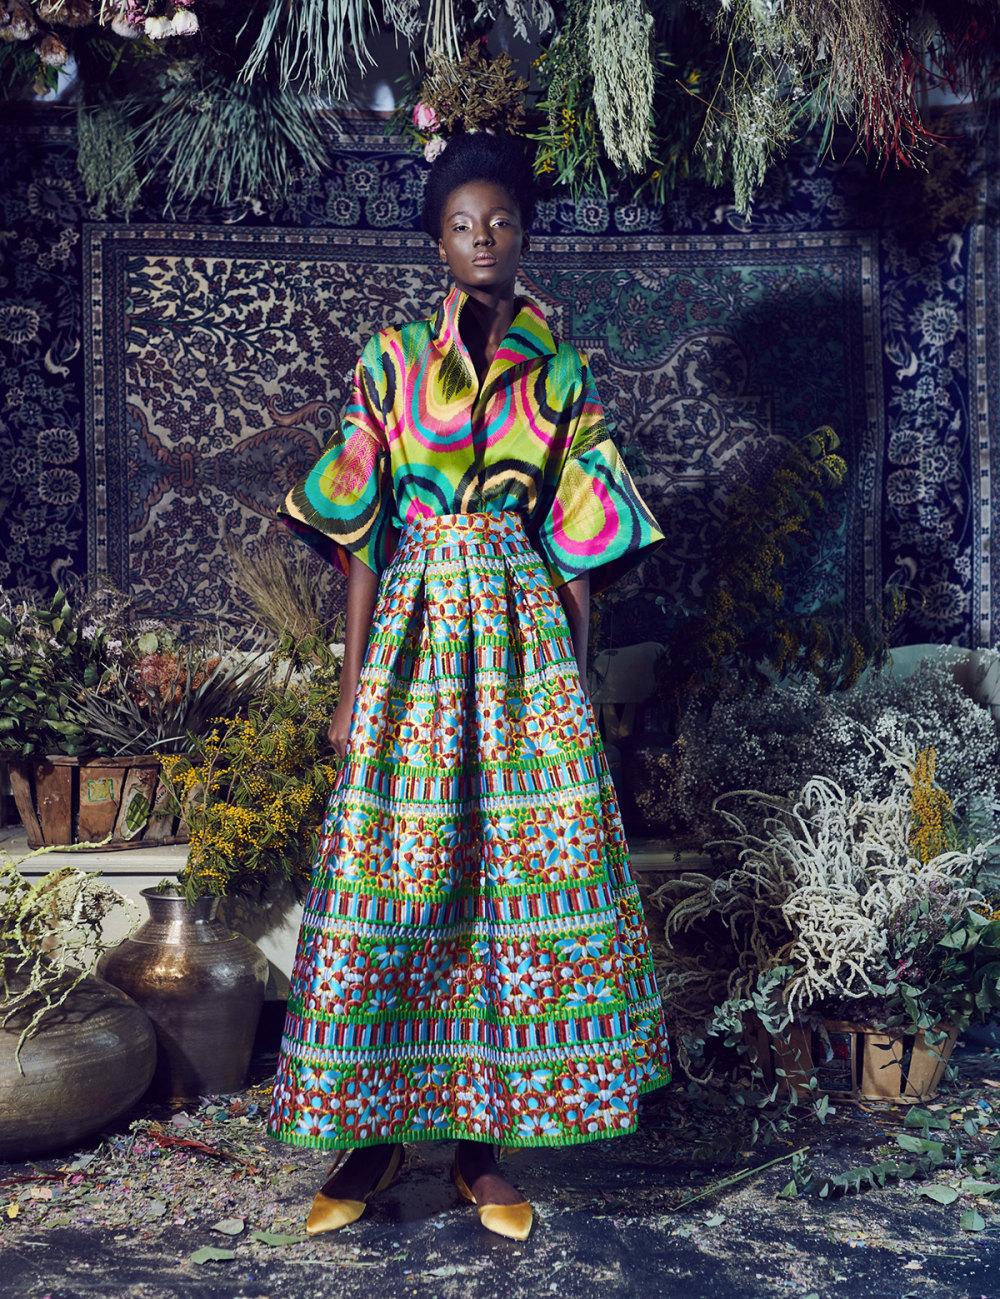 Rianna+Nina时装系列定制的夹克和金属光泽的七分裤定义未来主义-6.jpg